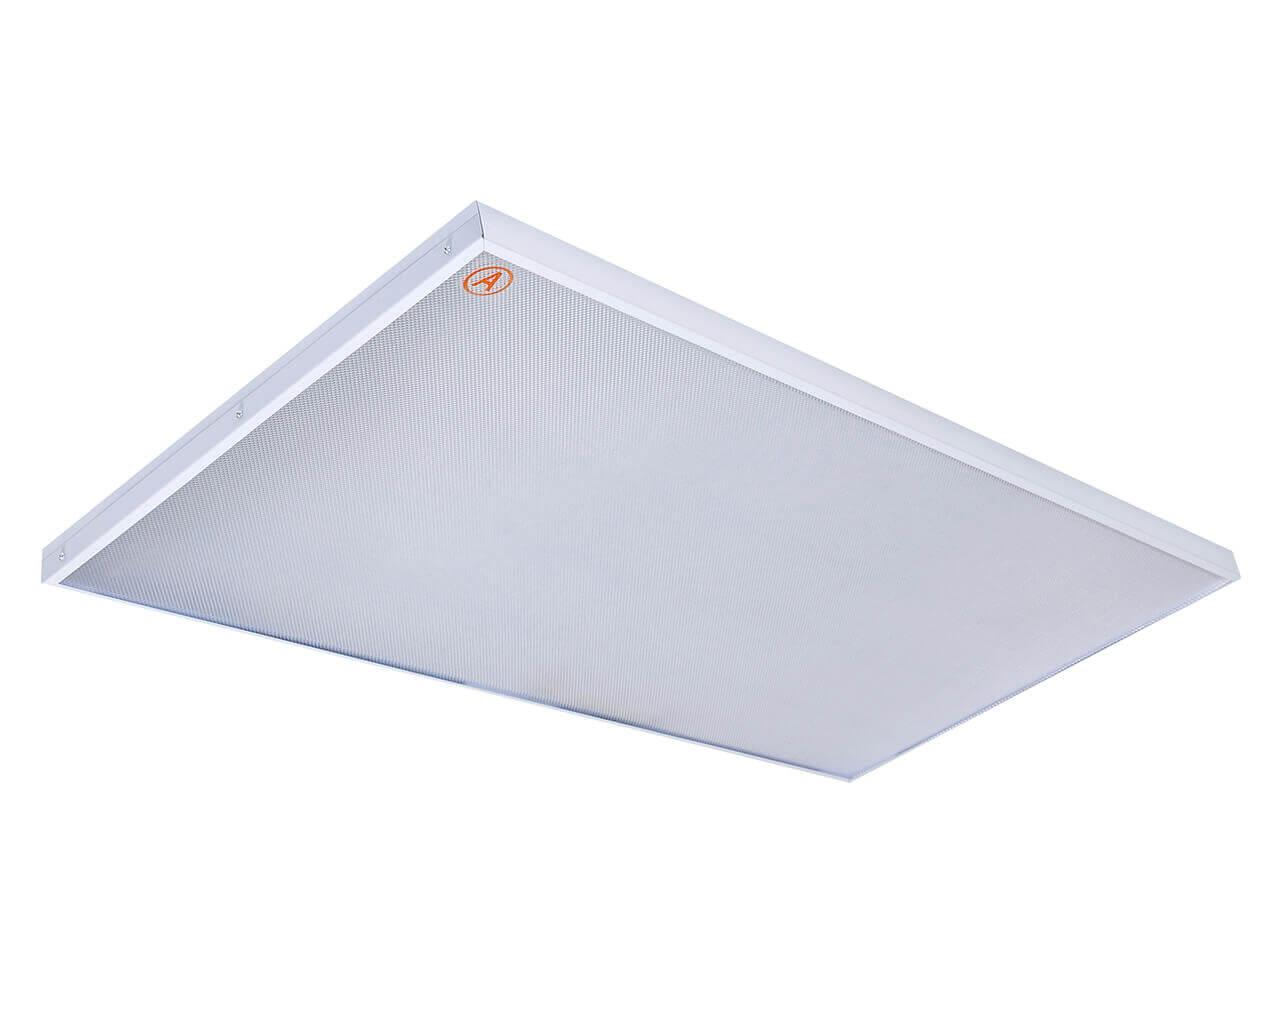 Универсальный светильник LC-US-120 ватт 1195x595 Теплый белый Призма Бап 3 часа